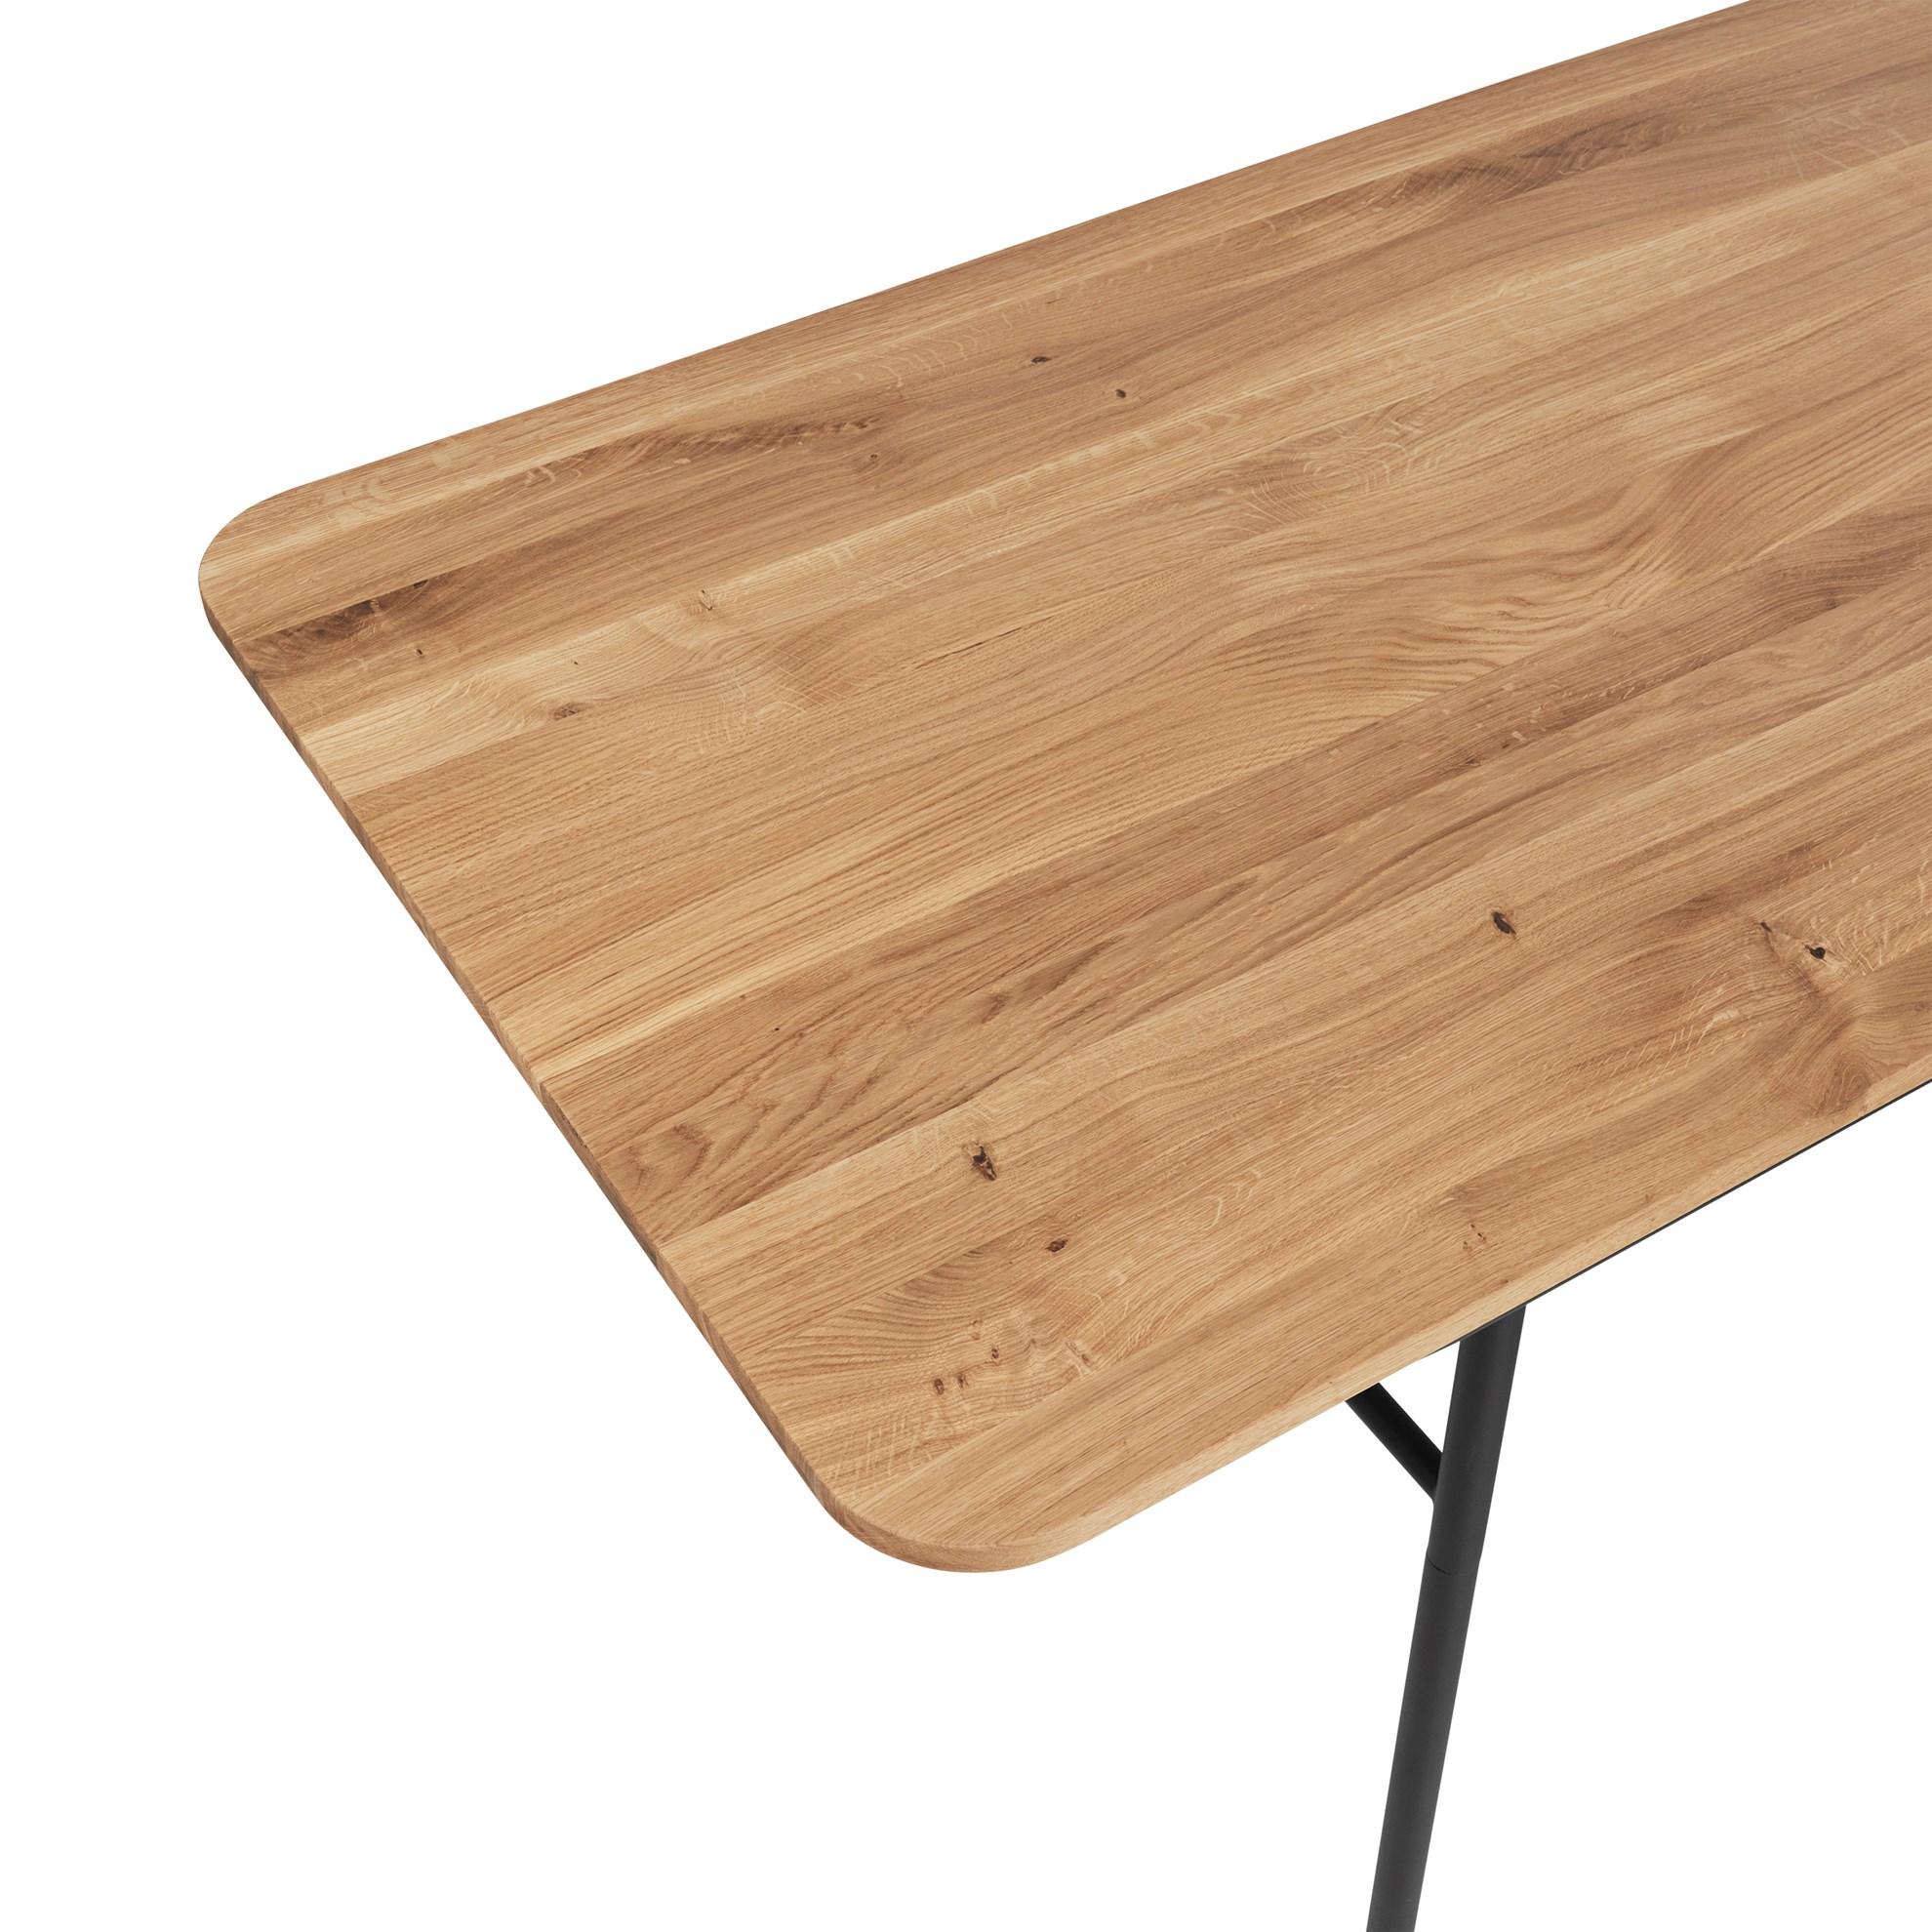 Deska pro jídelné stůl MOON OAK (pouze deska)_3